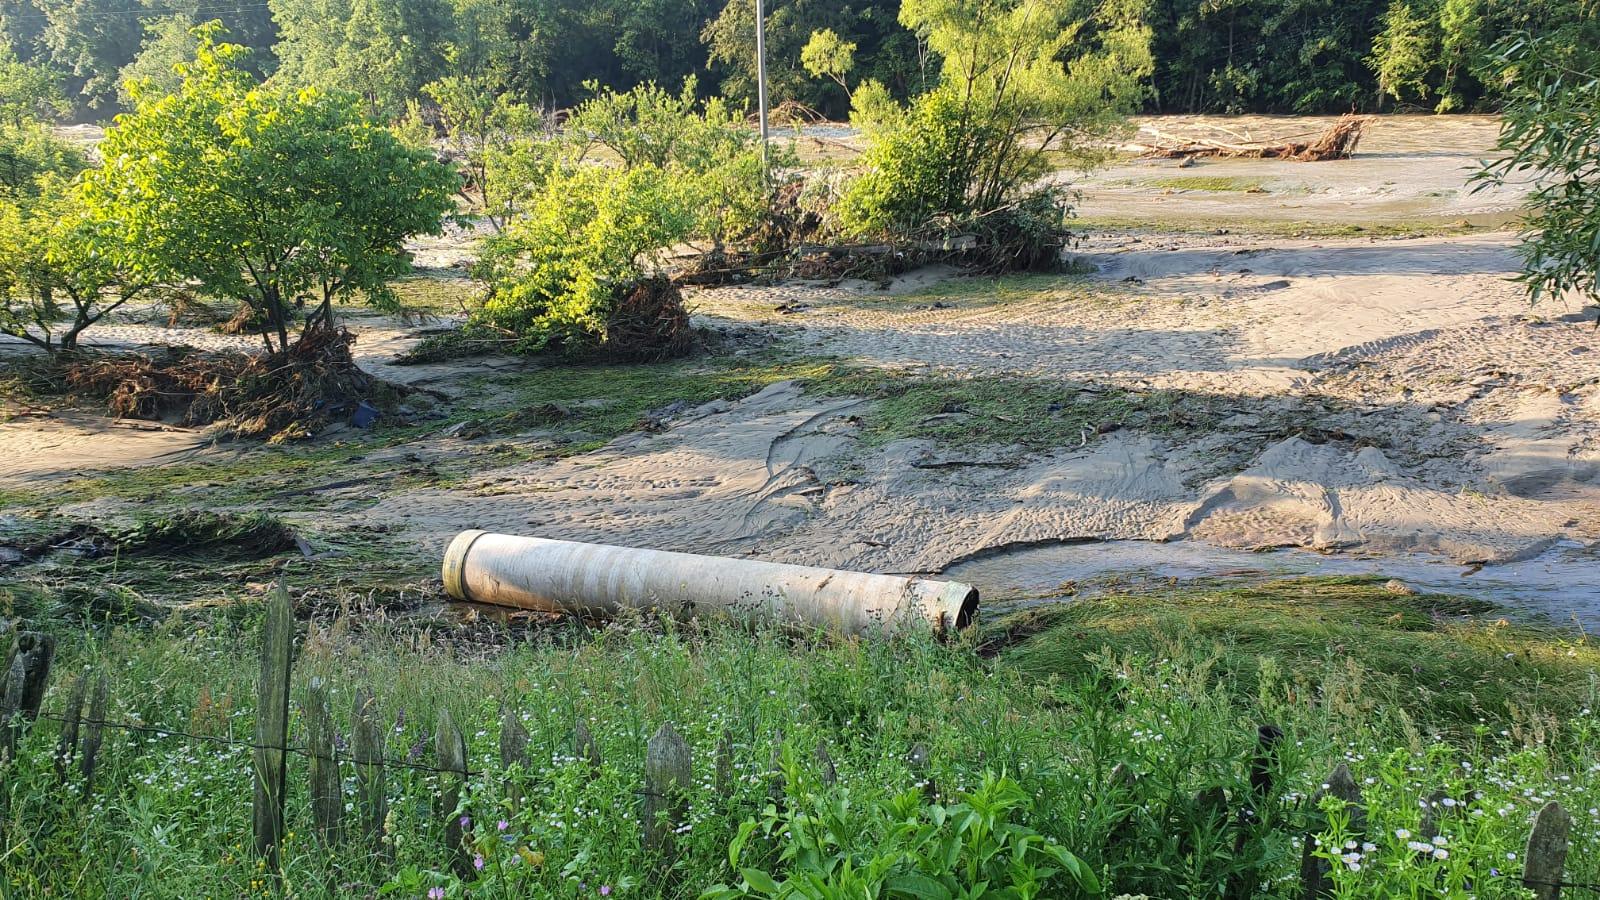 Se fac teste pentru a stabili dacă apa de la robinet este sau nu potabilă în Valea Jiului, în urma inundațiilor